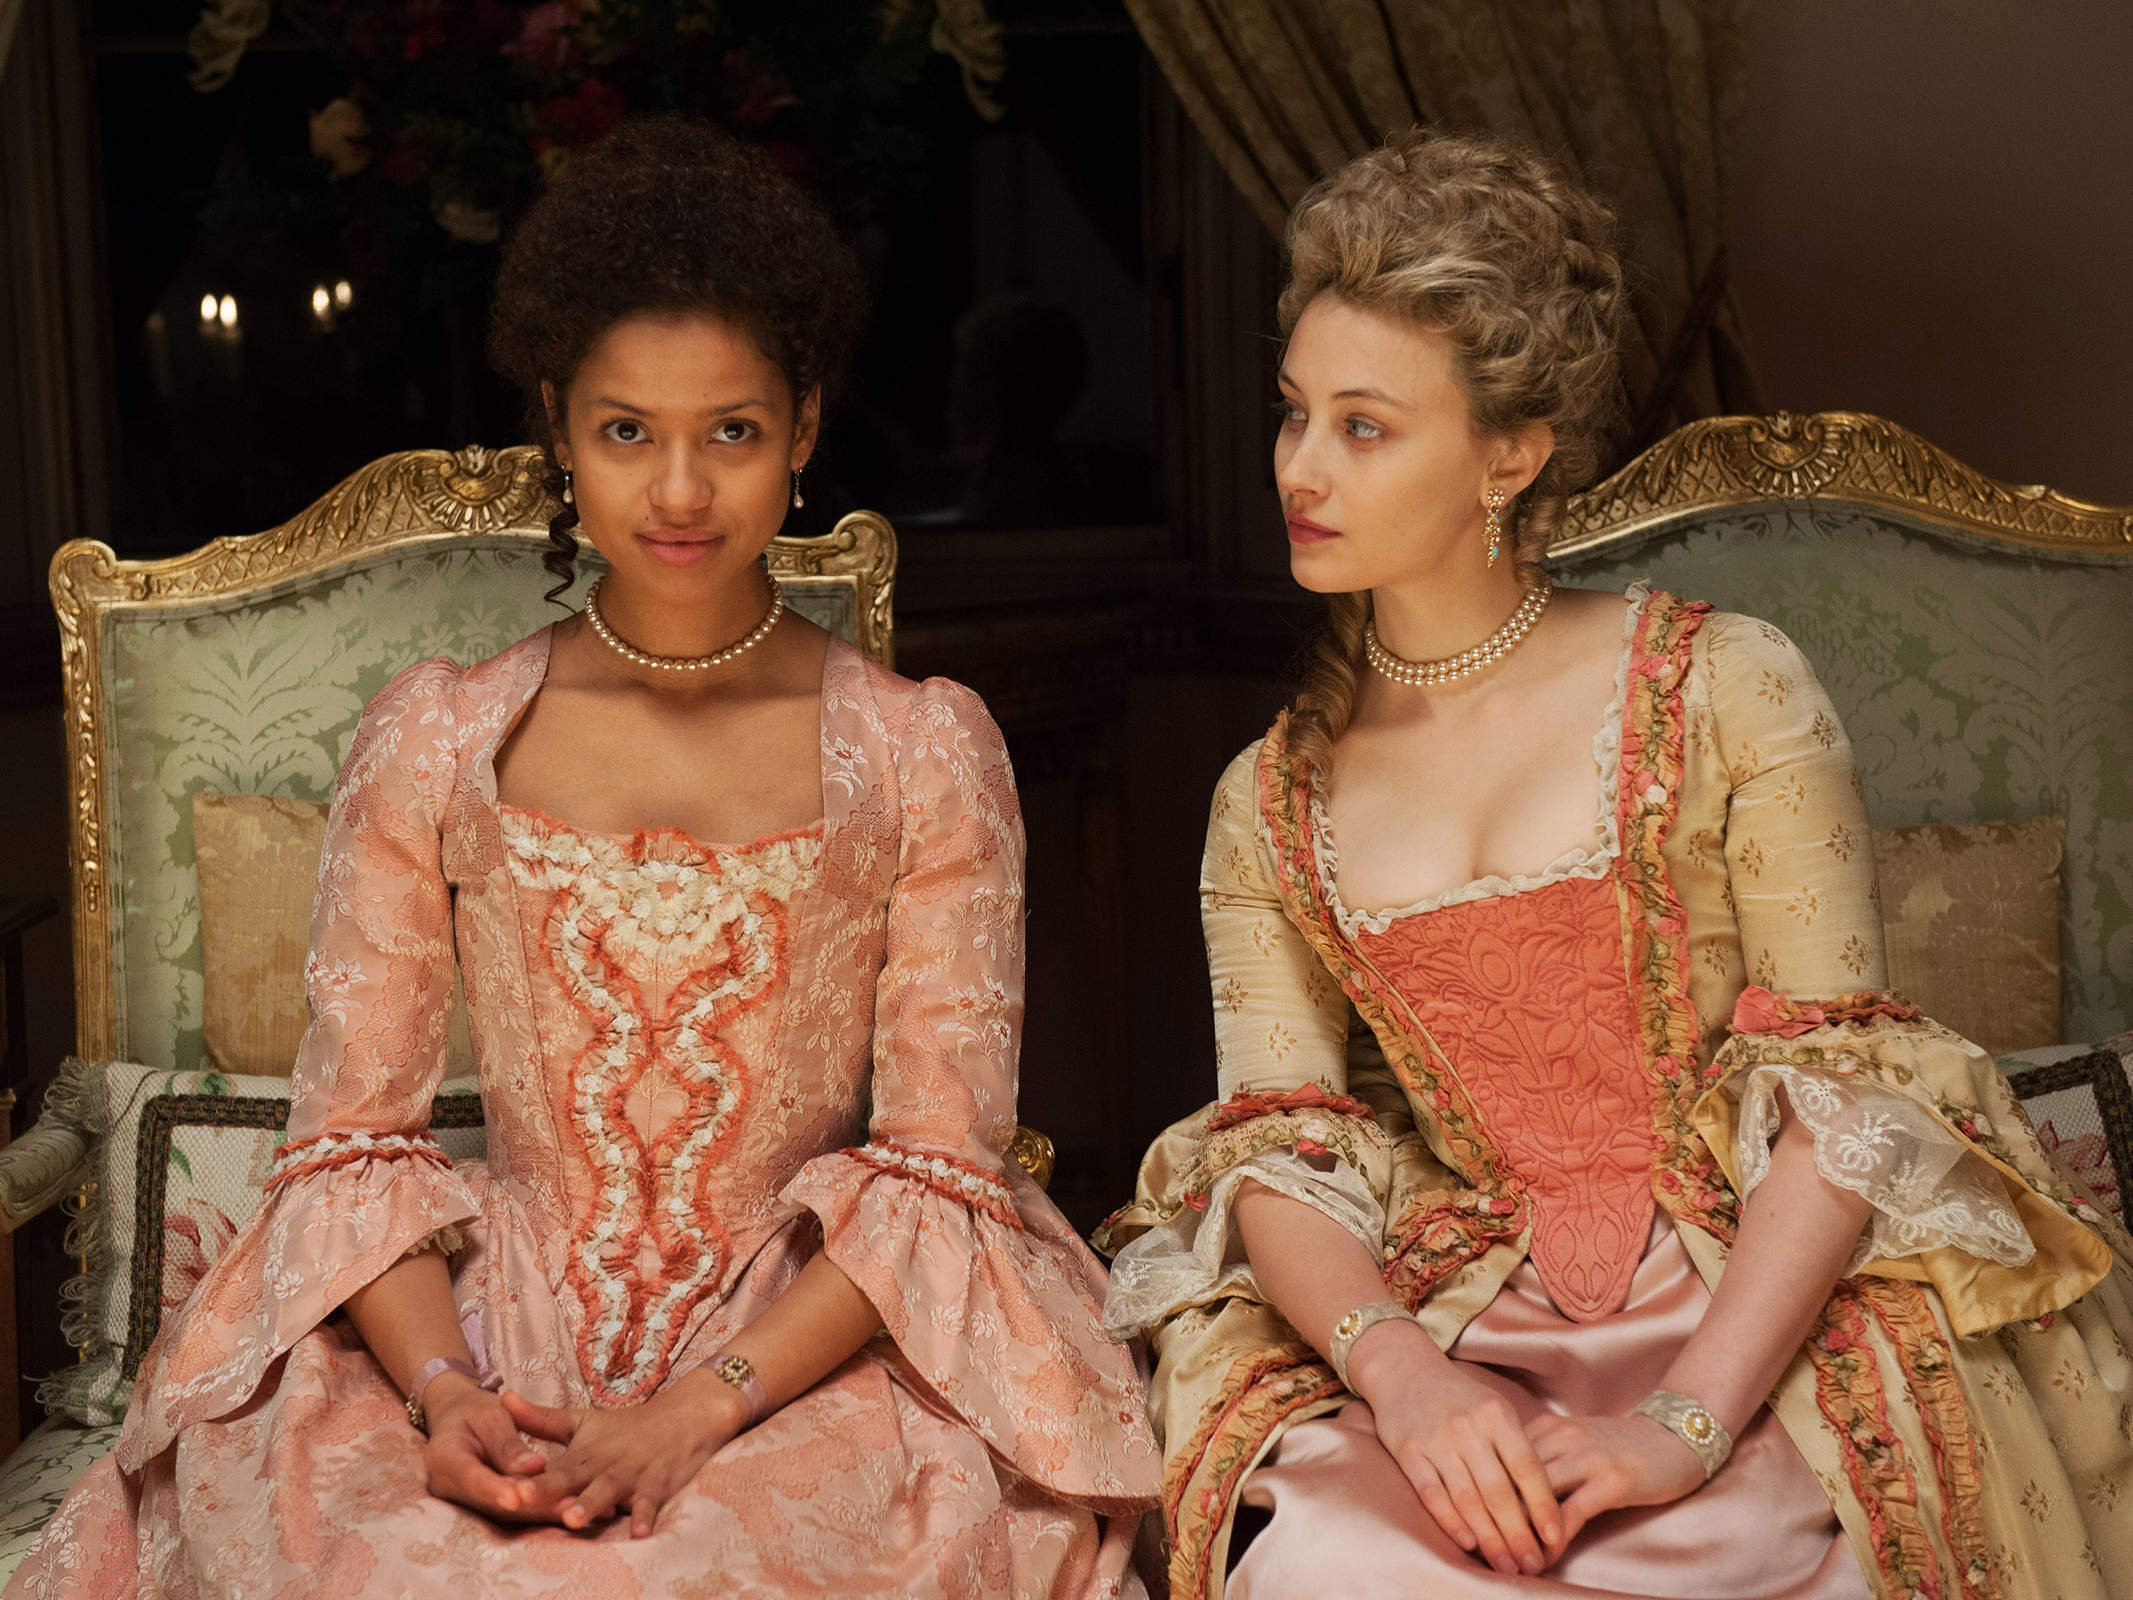 Jelenet a Belle című filmből